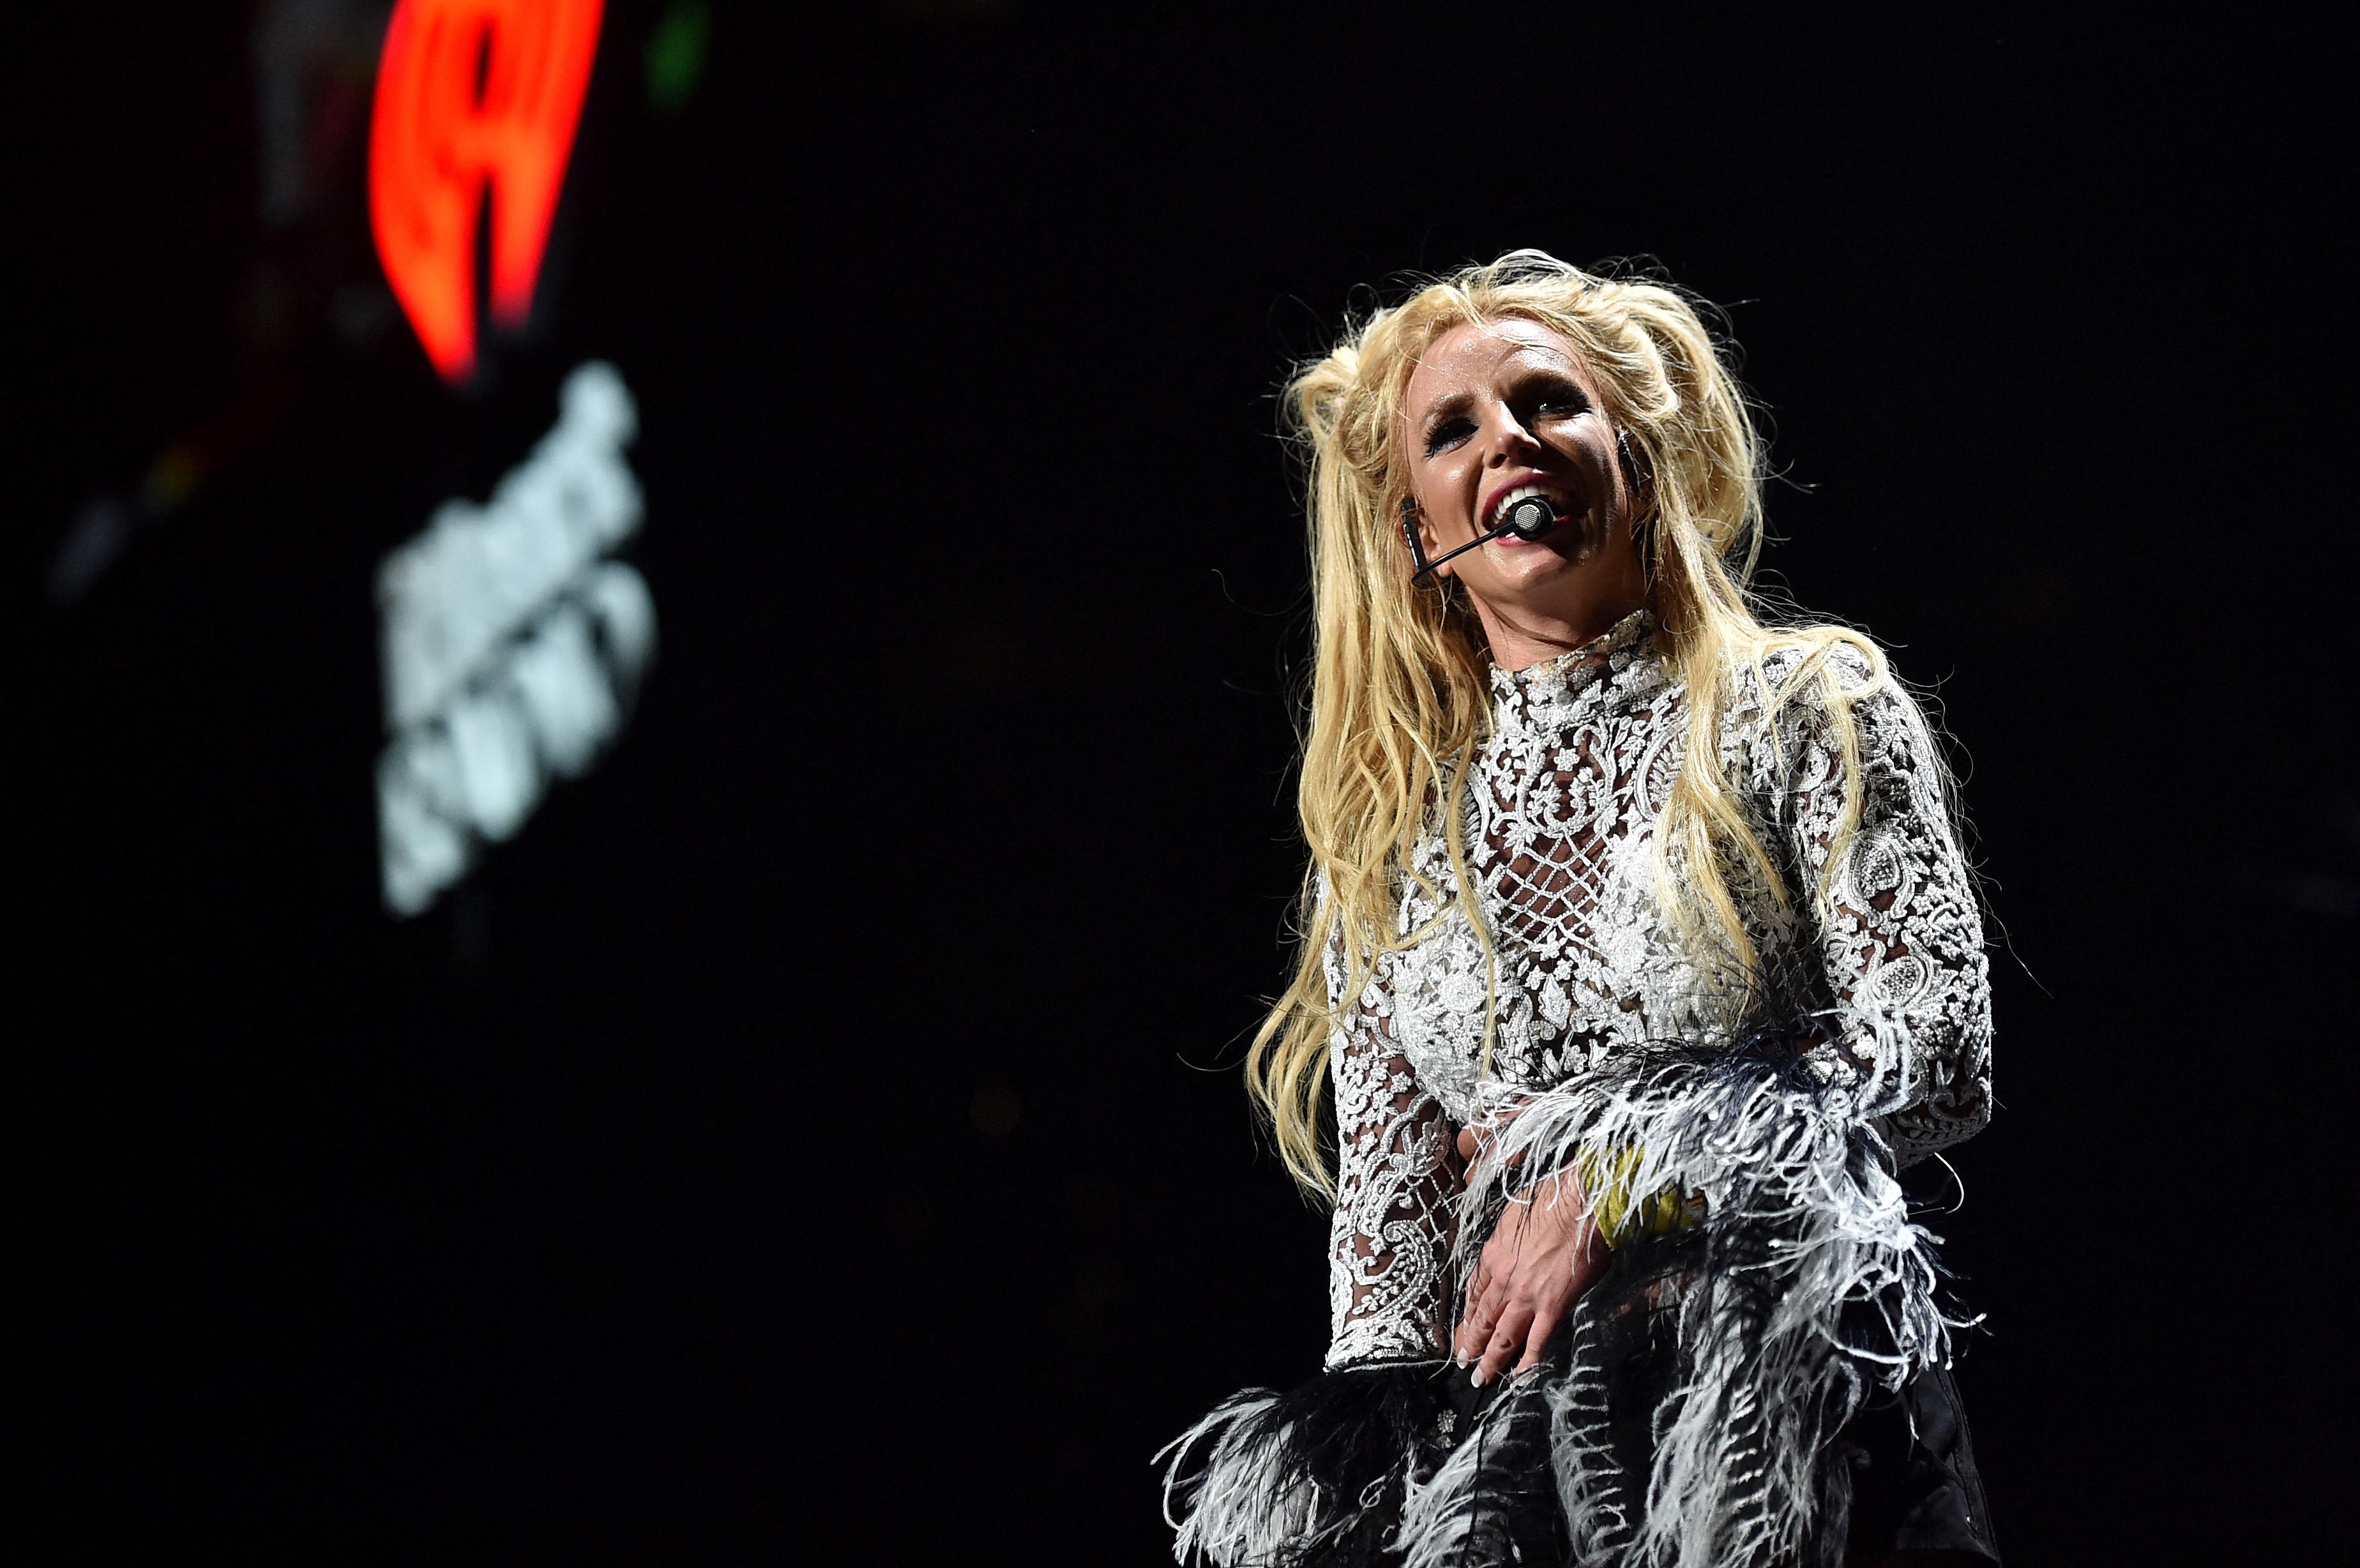 Hiába perelt szabadságáért Britney Spears, az apja gondnoksága alatt marad